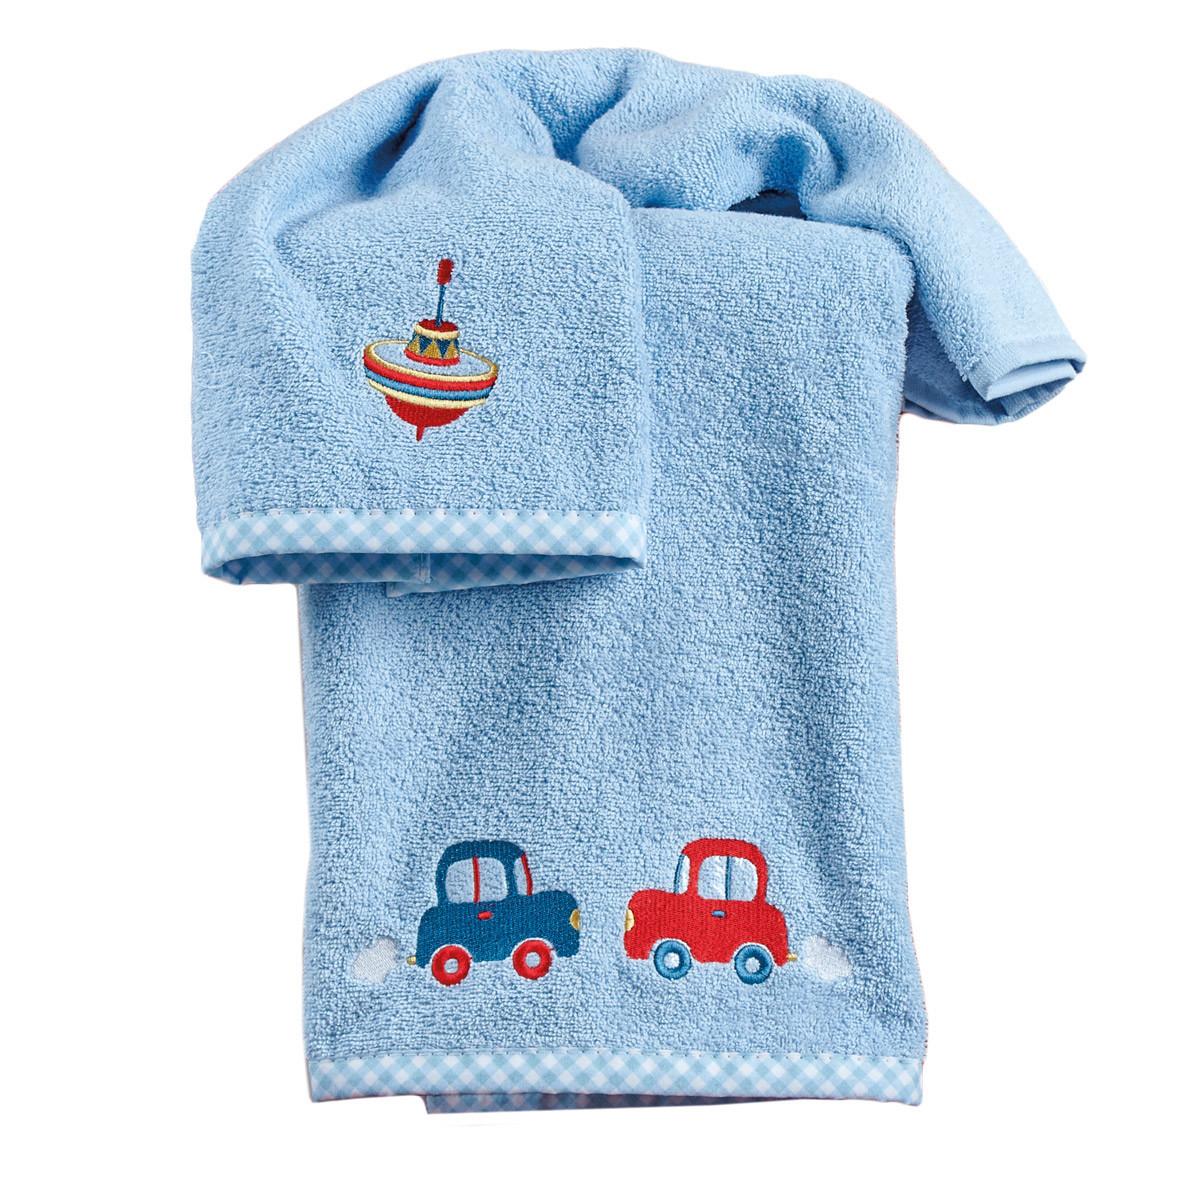 Βρεφικές Πετσέτες (Σετ 2τμχ) Kentia Baby Twister